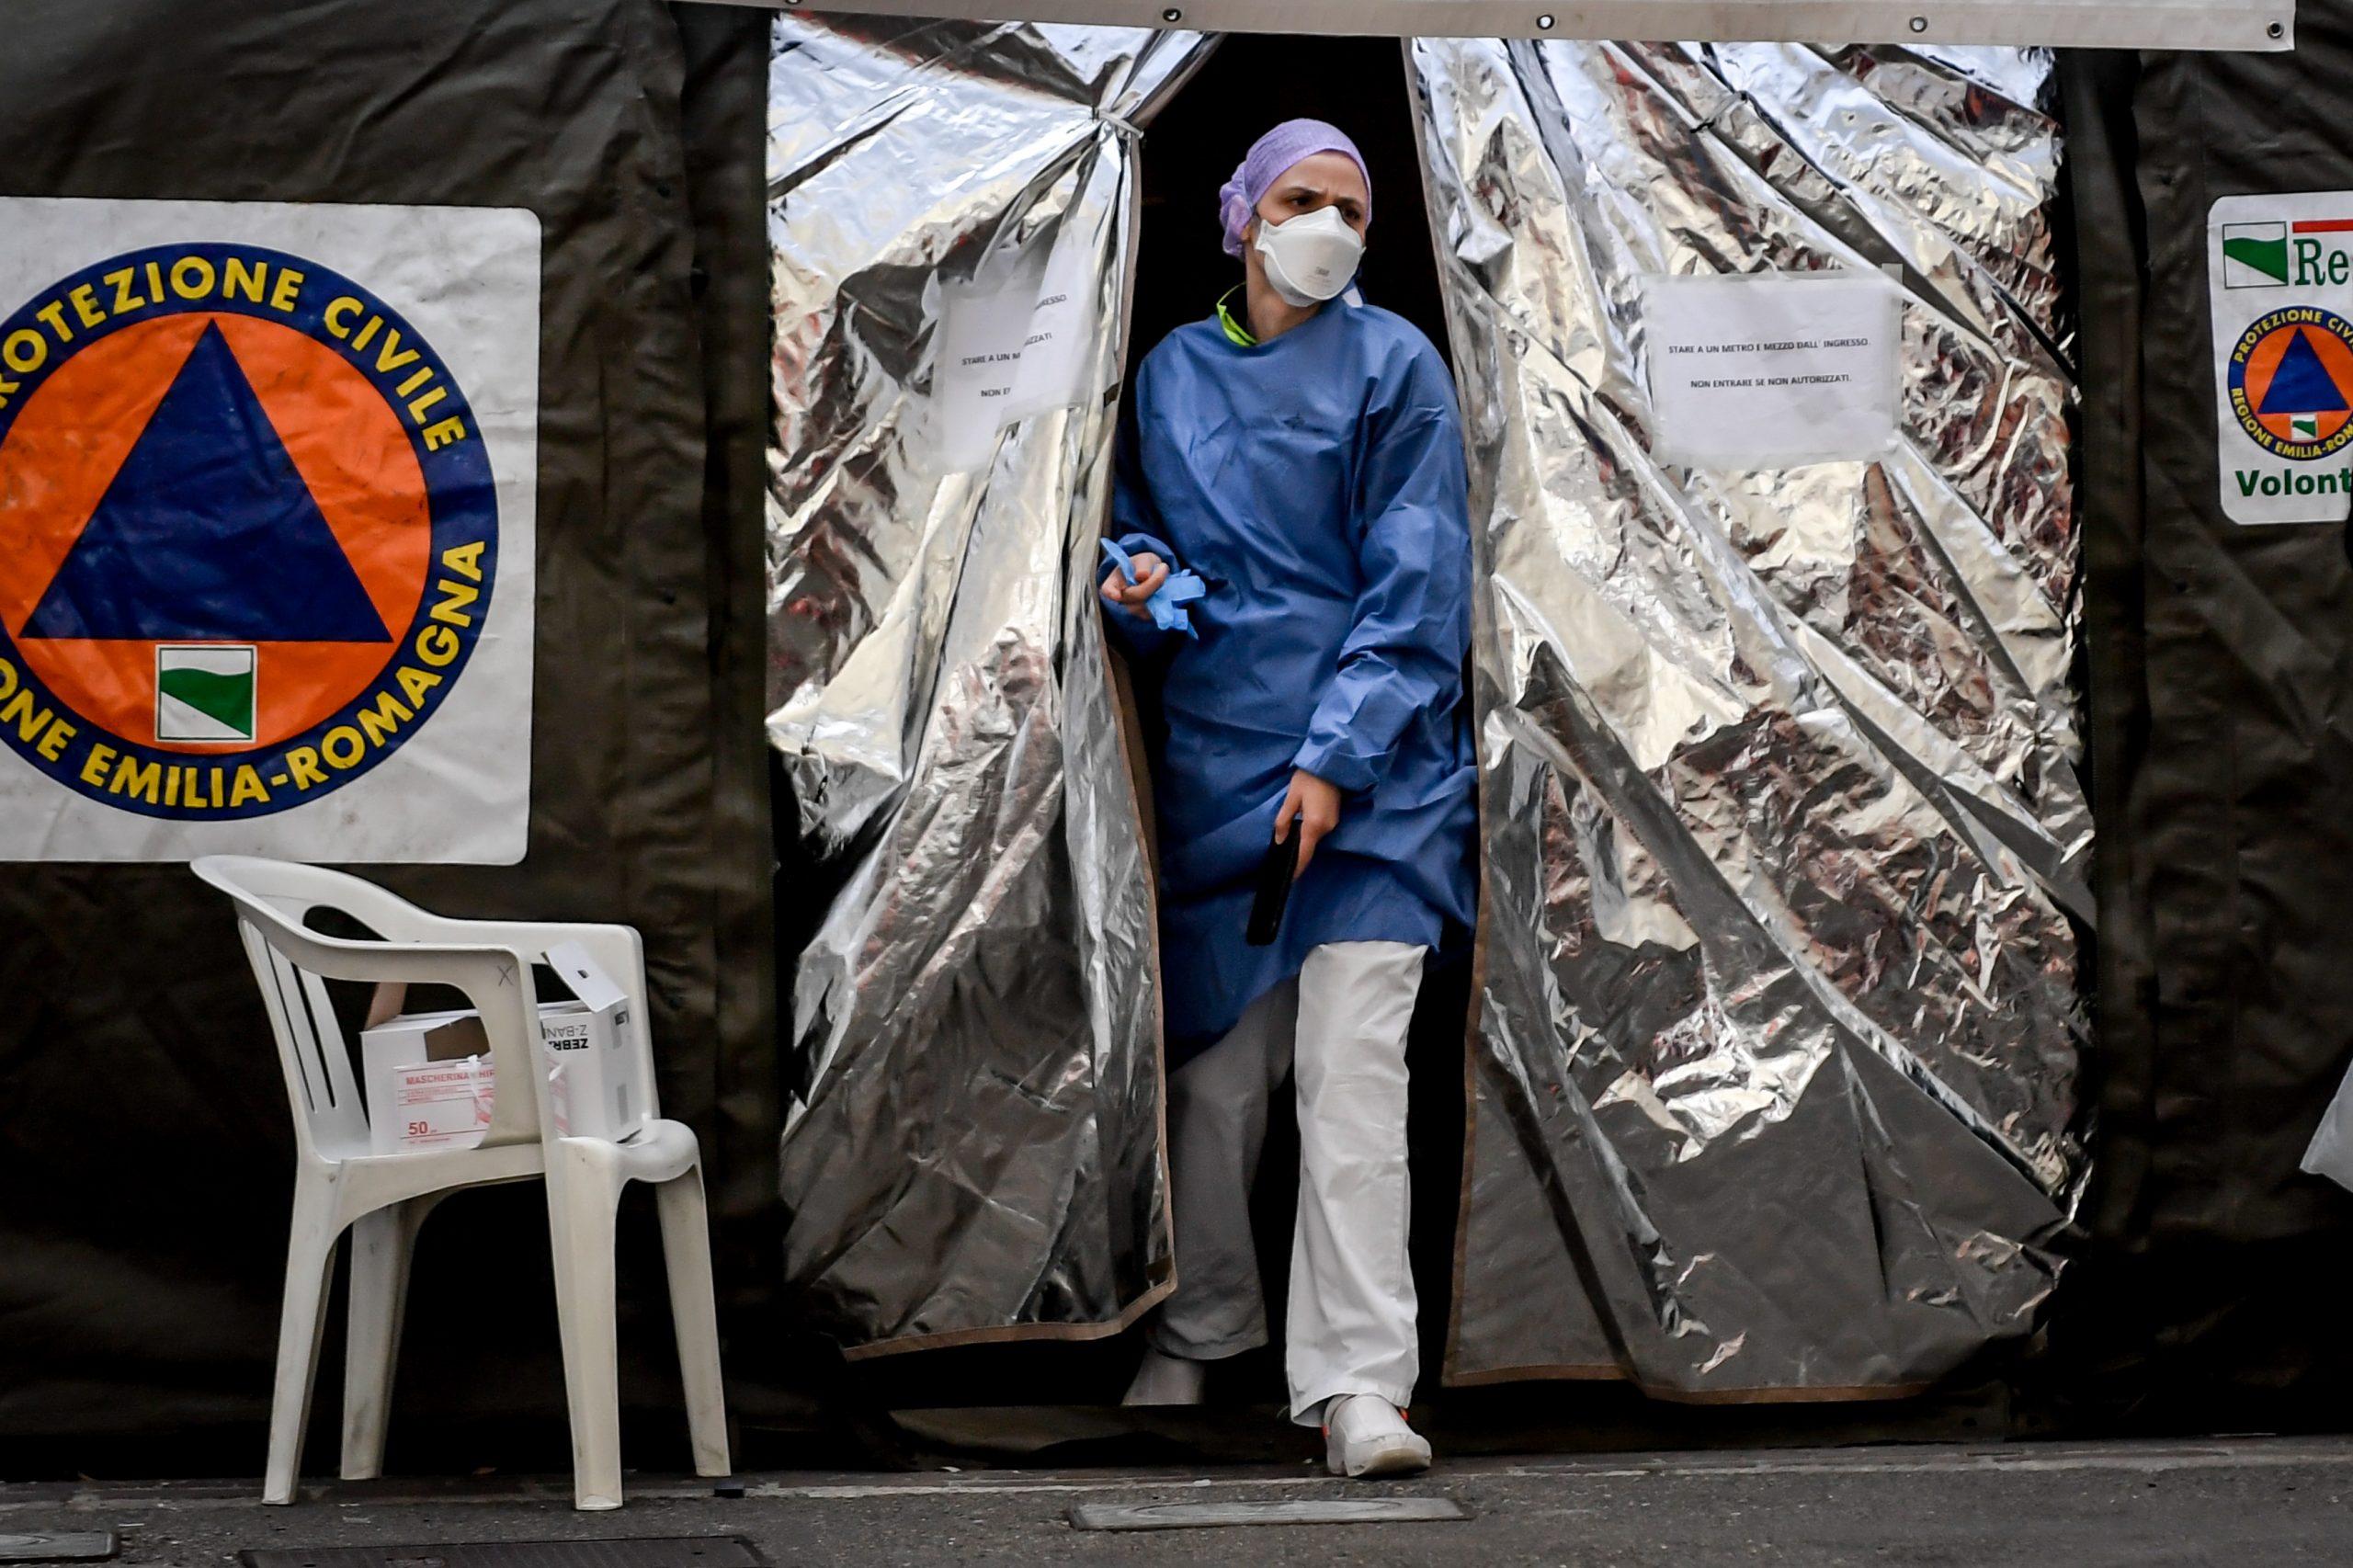 Tensostruttura davanti al Pronto Soccorso dell'Ospedale di Piacenza per far fronte all'emergenza Coronavirus (LaPresse)